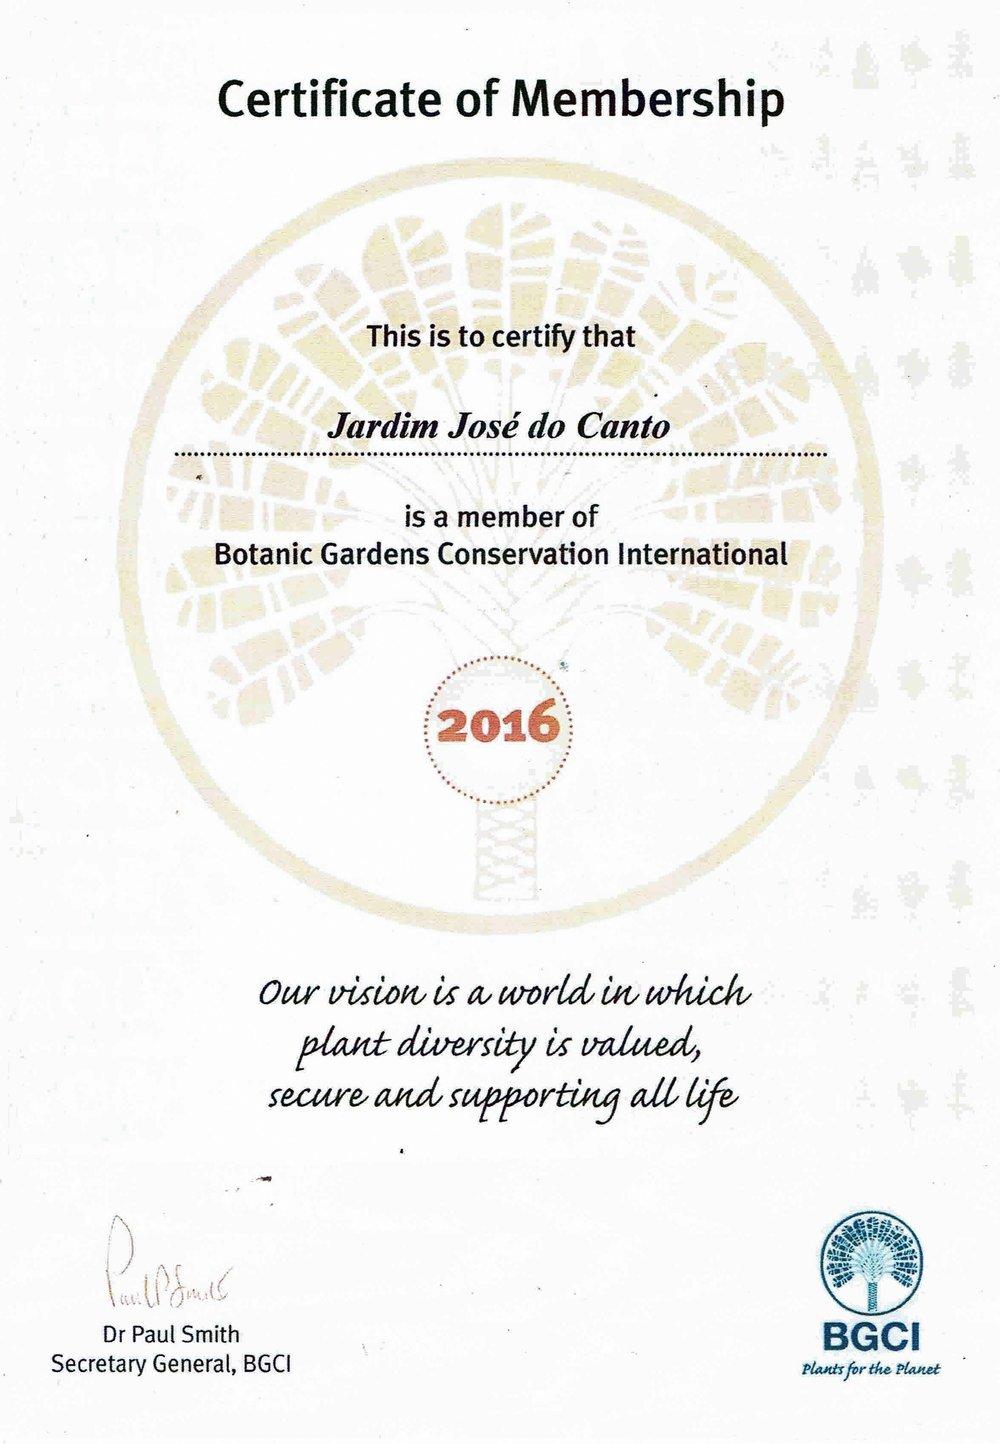 BGCI certificate